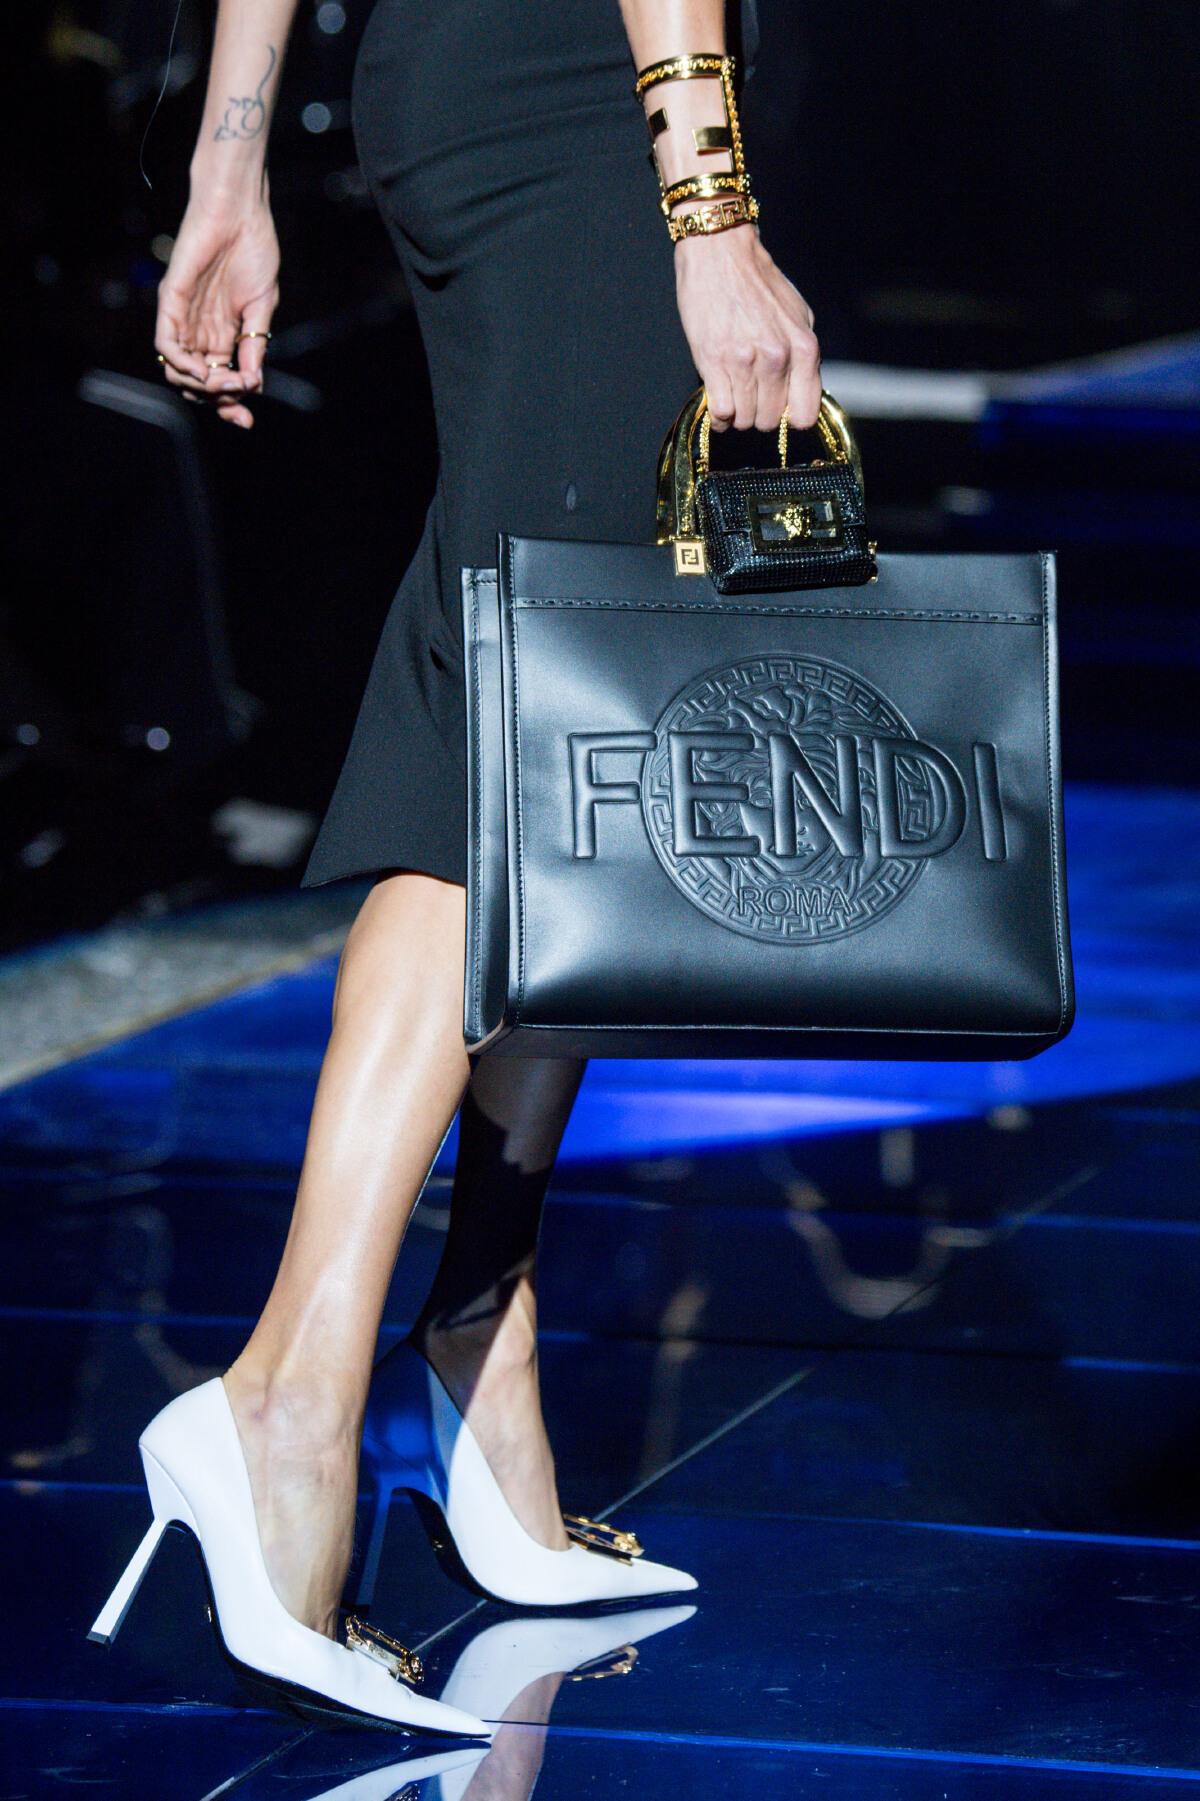 Fendi และ Versace สลับดีไซเนอร์! นี่ไม่ใช่งานคอลแลบ แต่เป็นการร่วมกันครีเอต